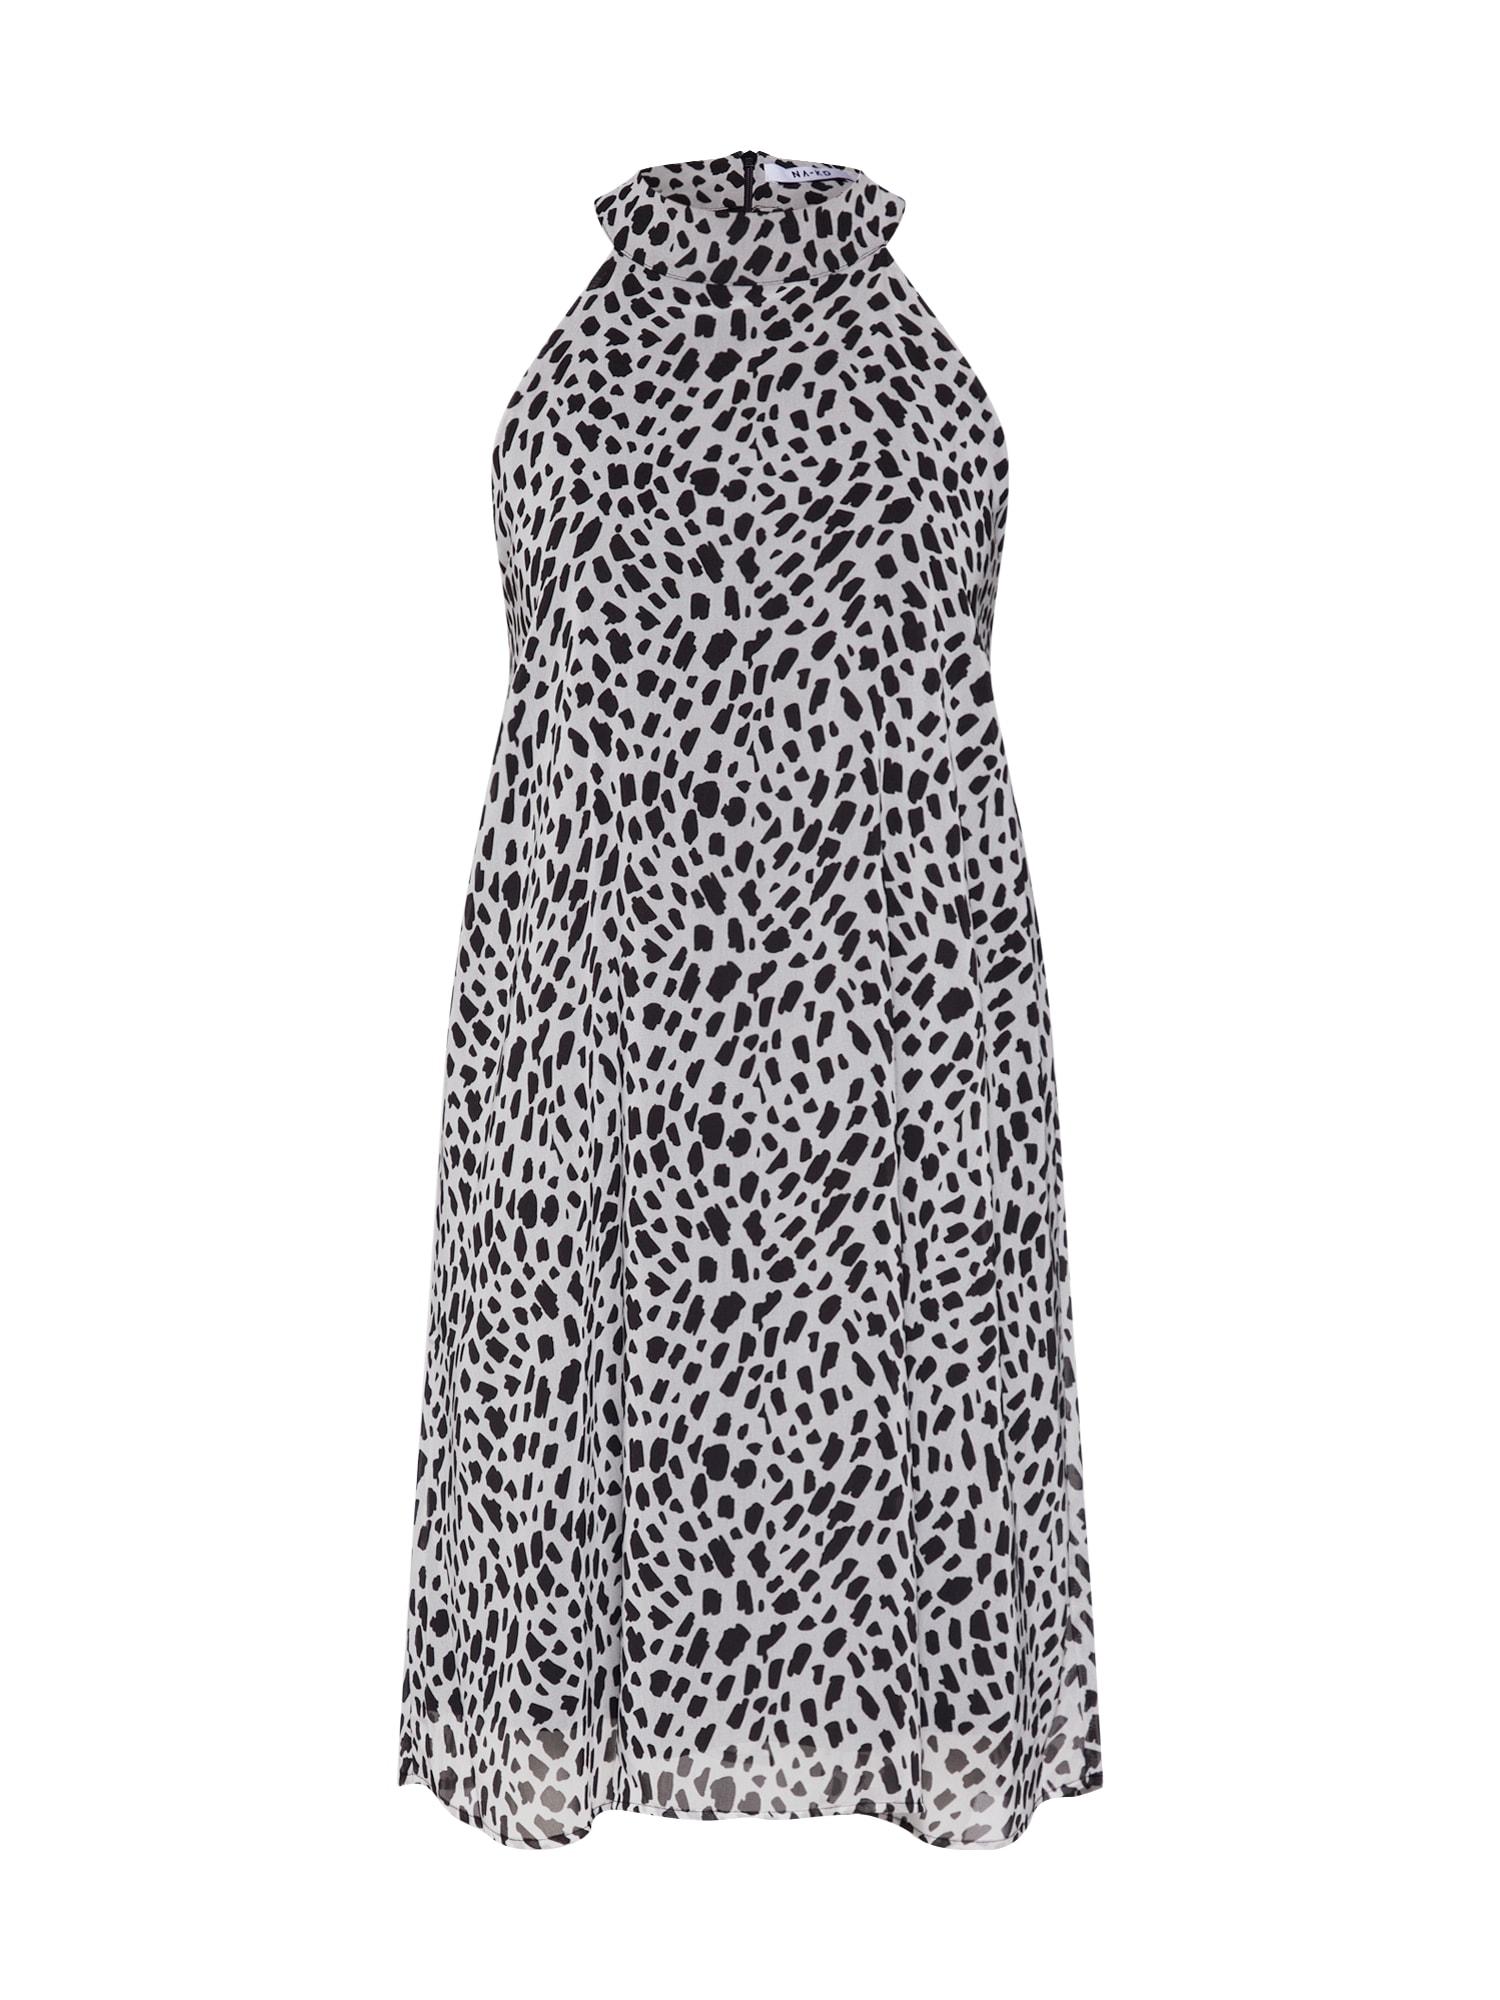 Šaty antracitová černá bílá NA-KD